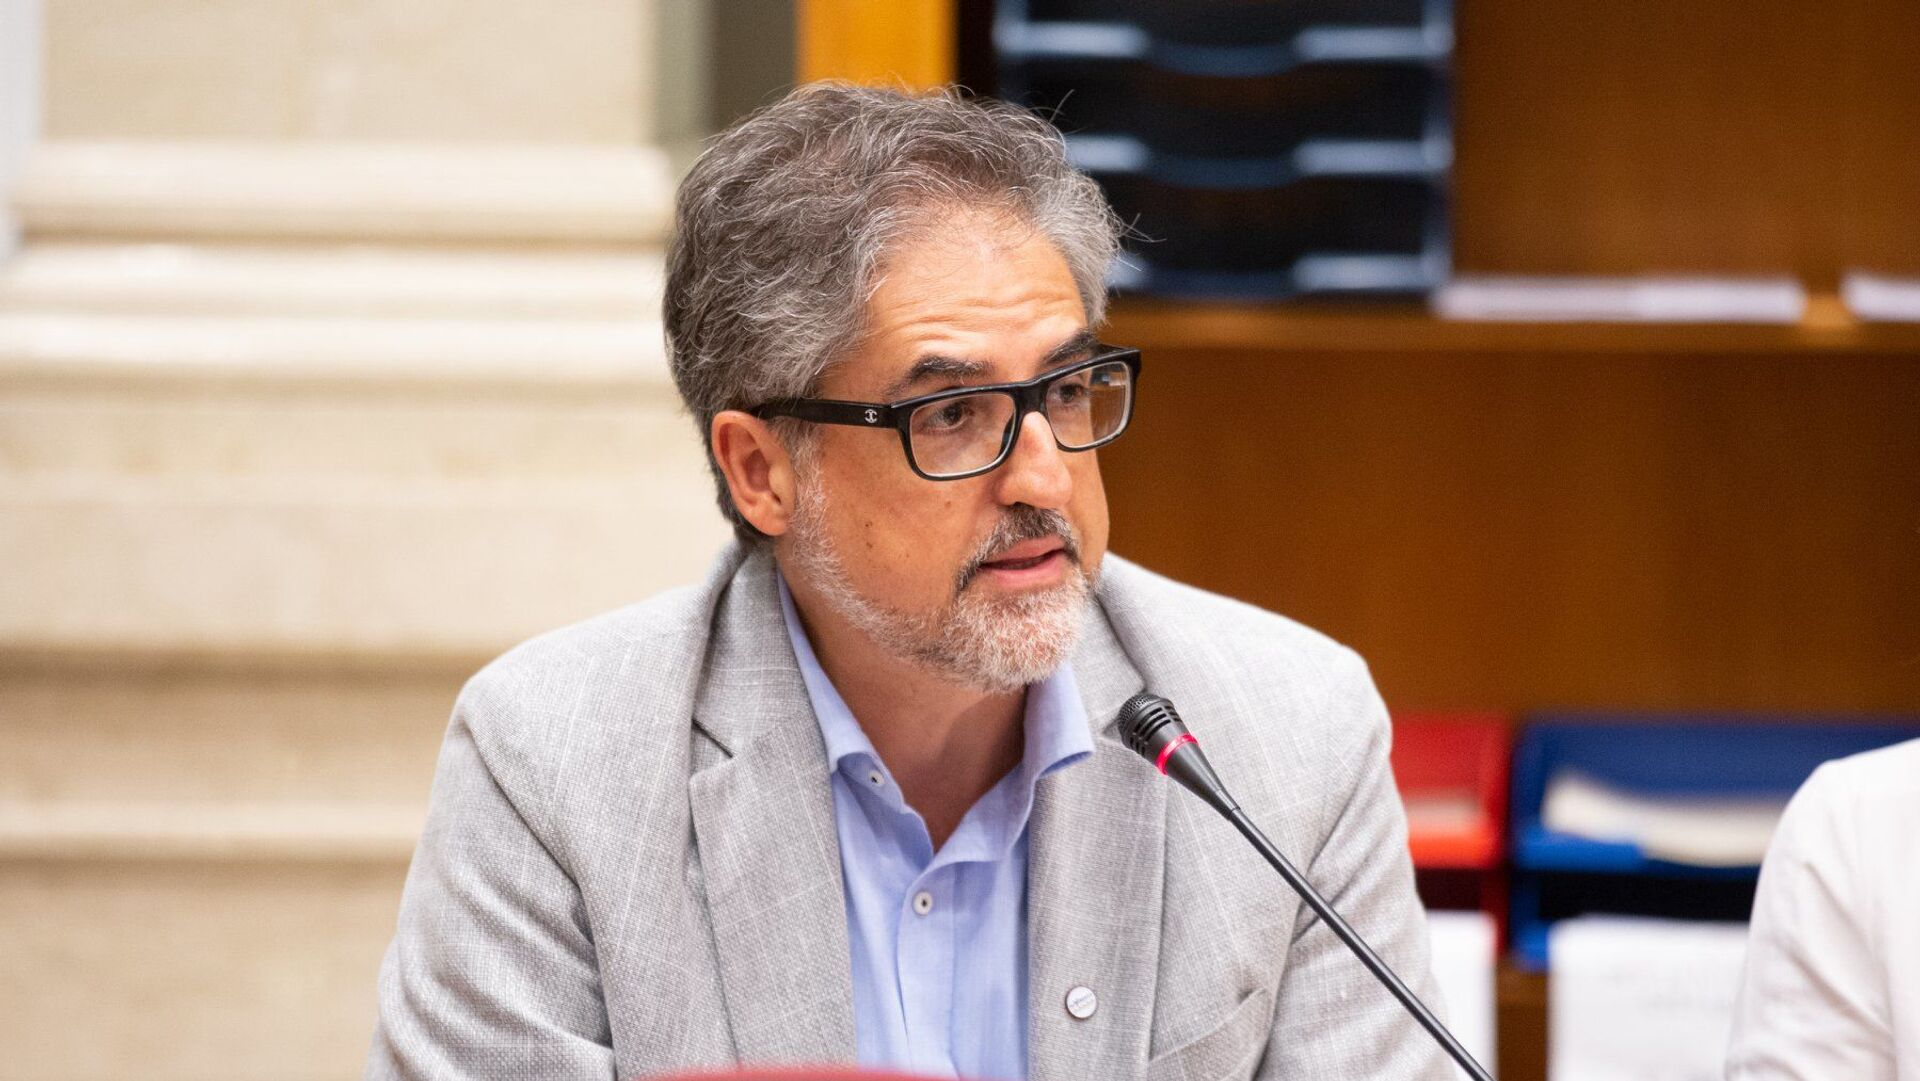 Pino Cabras, membro della Commissione Affari Esteri alla Camera dei Deputati - Sputnik Italia, 1920, 17.06.2021